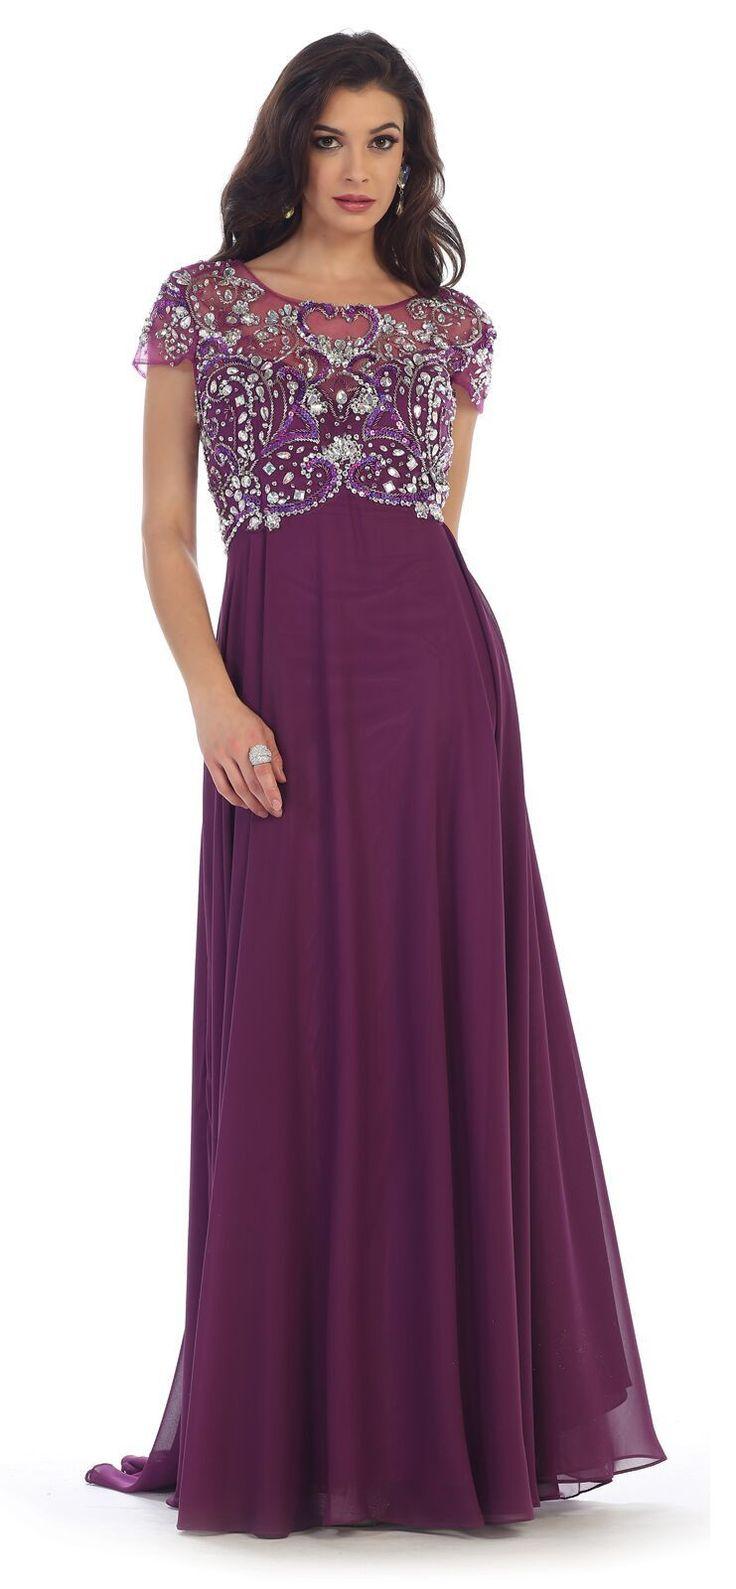 Mejores 459 imágenes de vestidos en Pinterest   Vestidos de novia ...